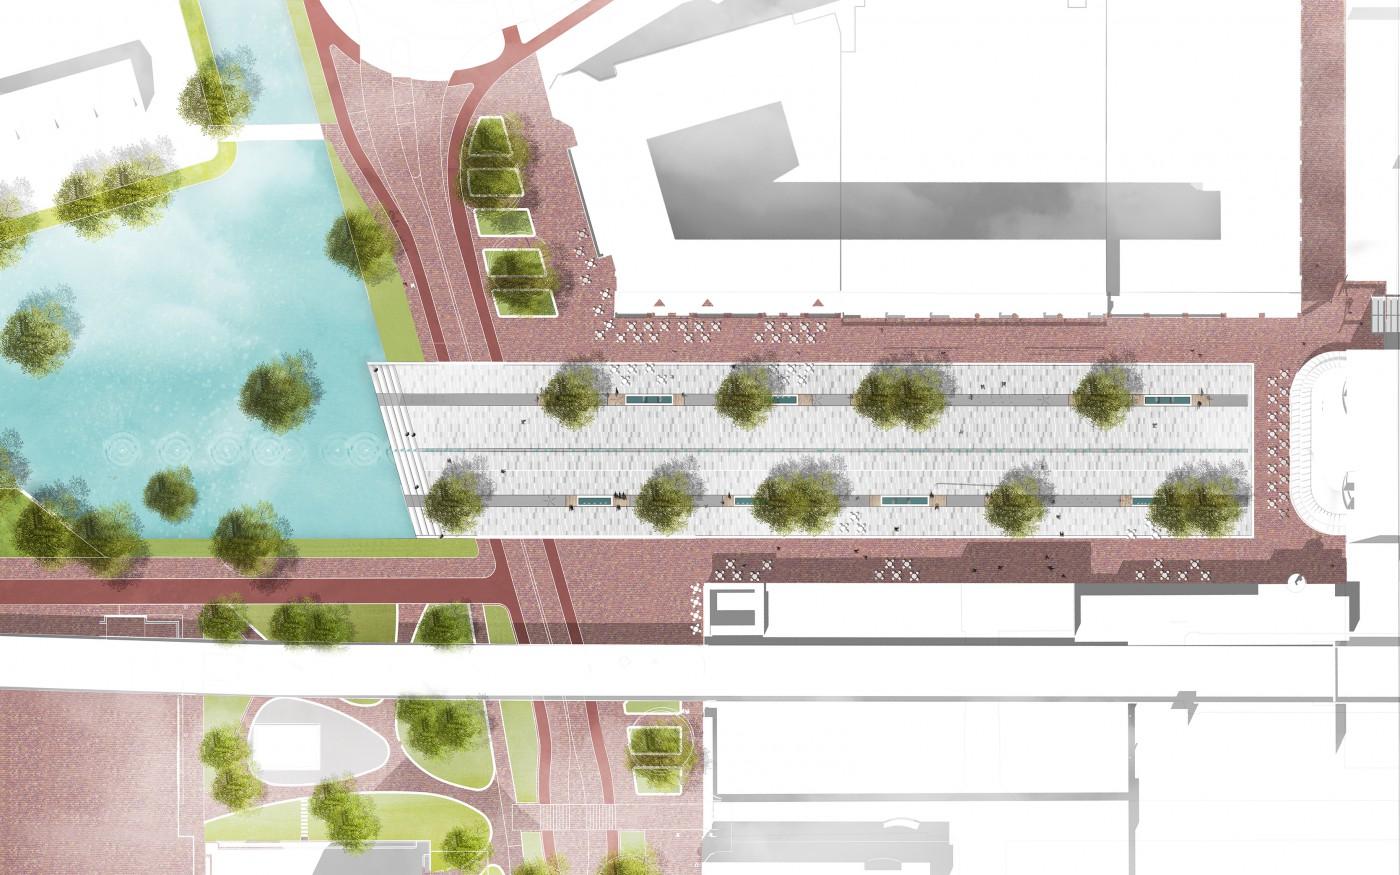 2 SANTENCO SO-Stadsplein Capelle-Model Liniair-PLANTEKENING